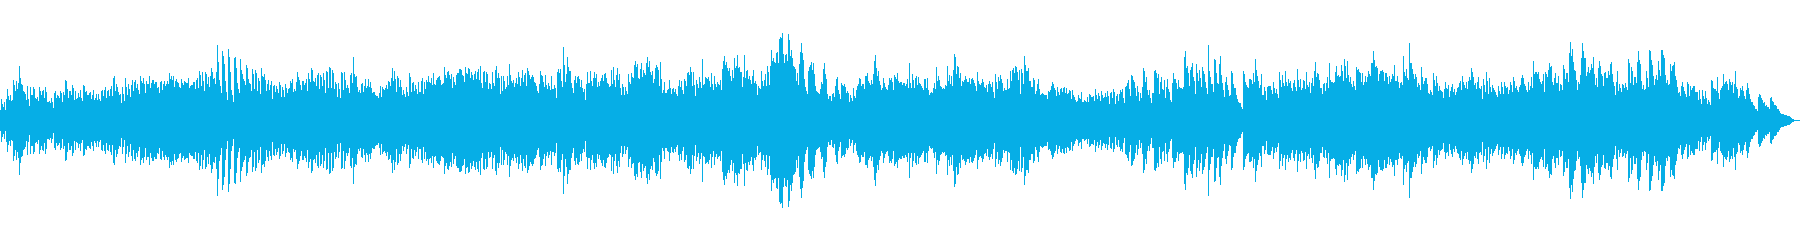 バロック音楽風のピアノ曲ですの再生済みの波形